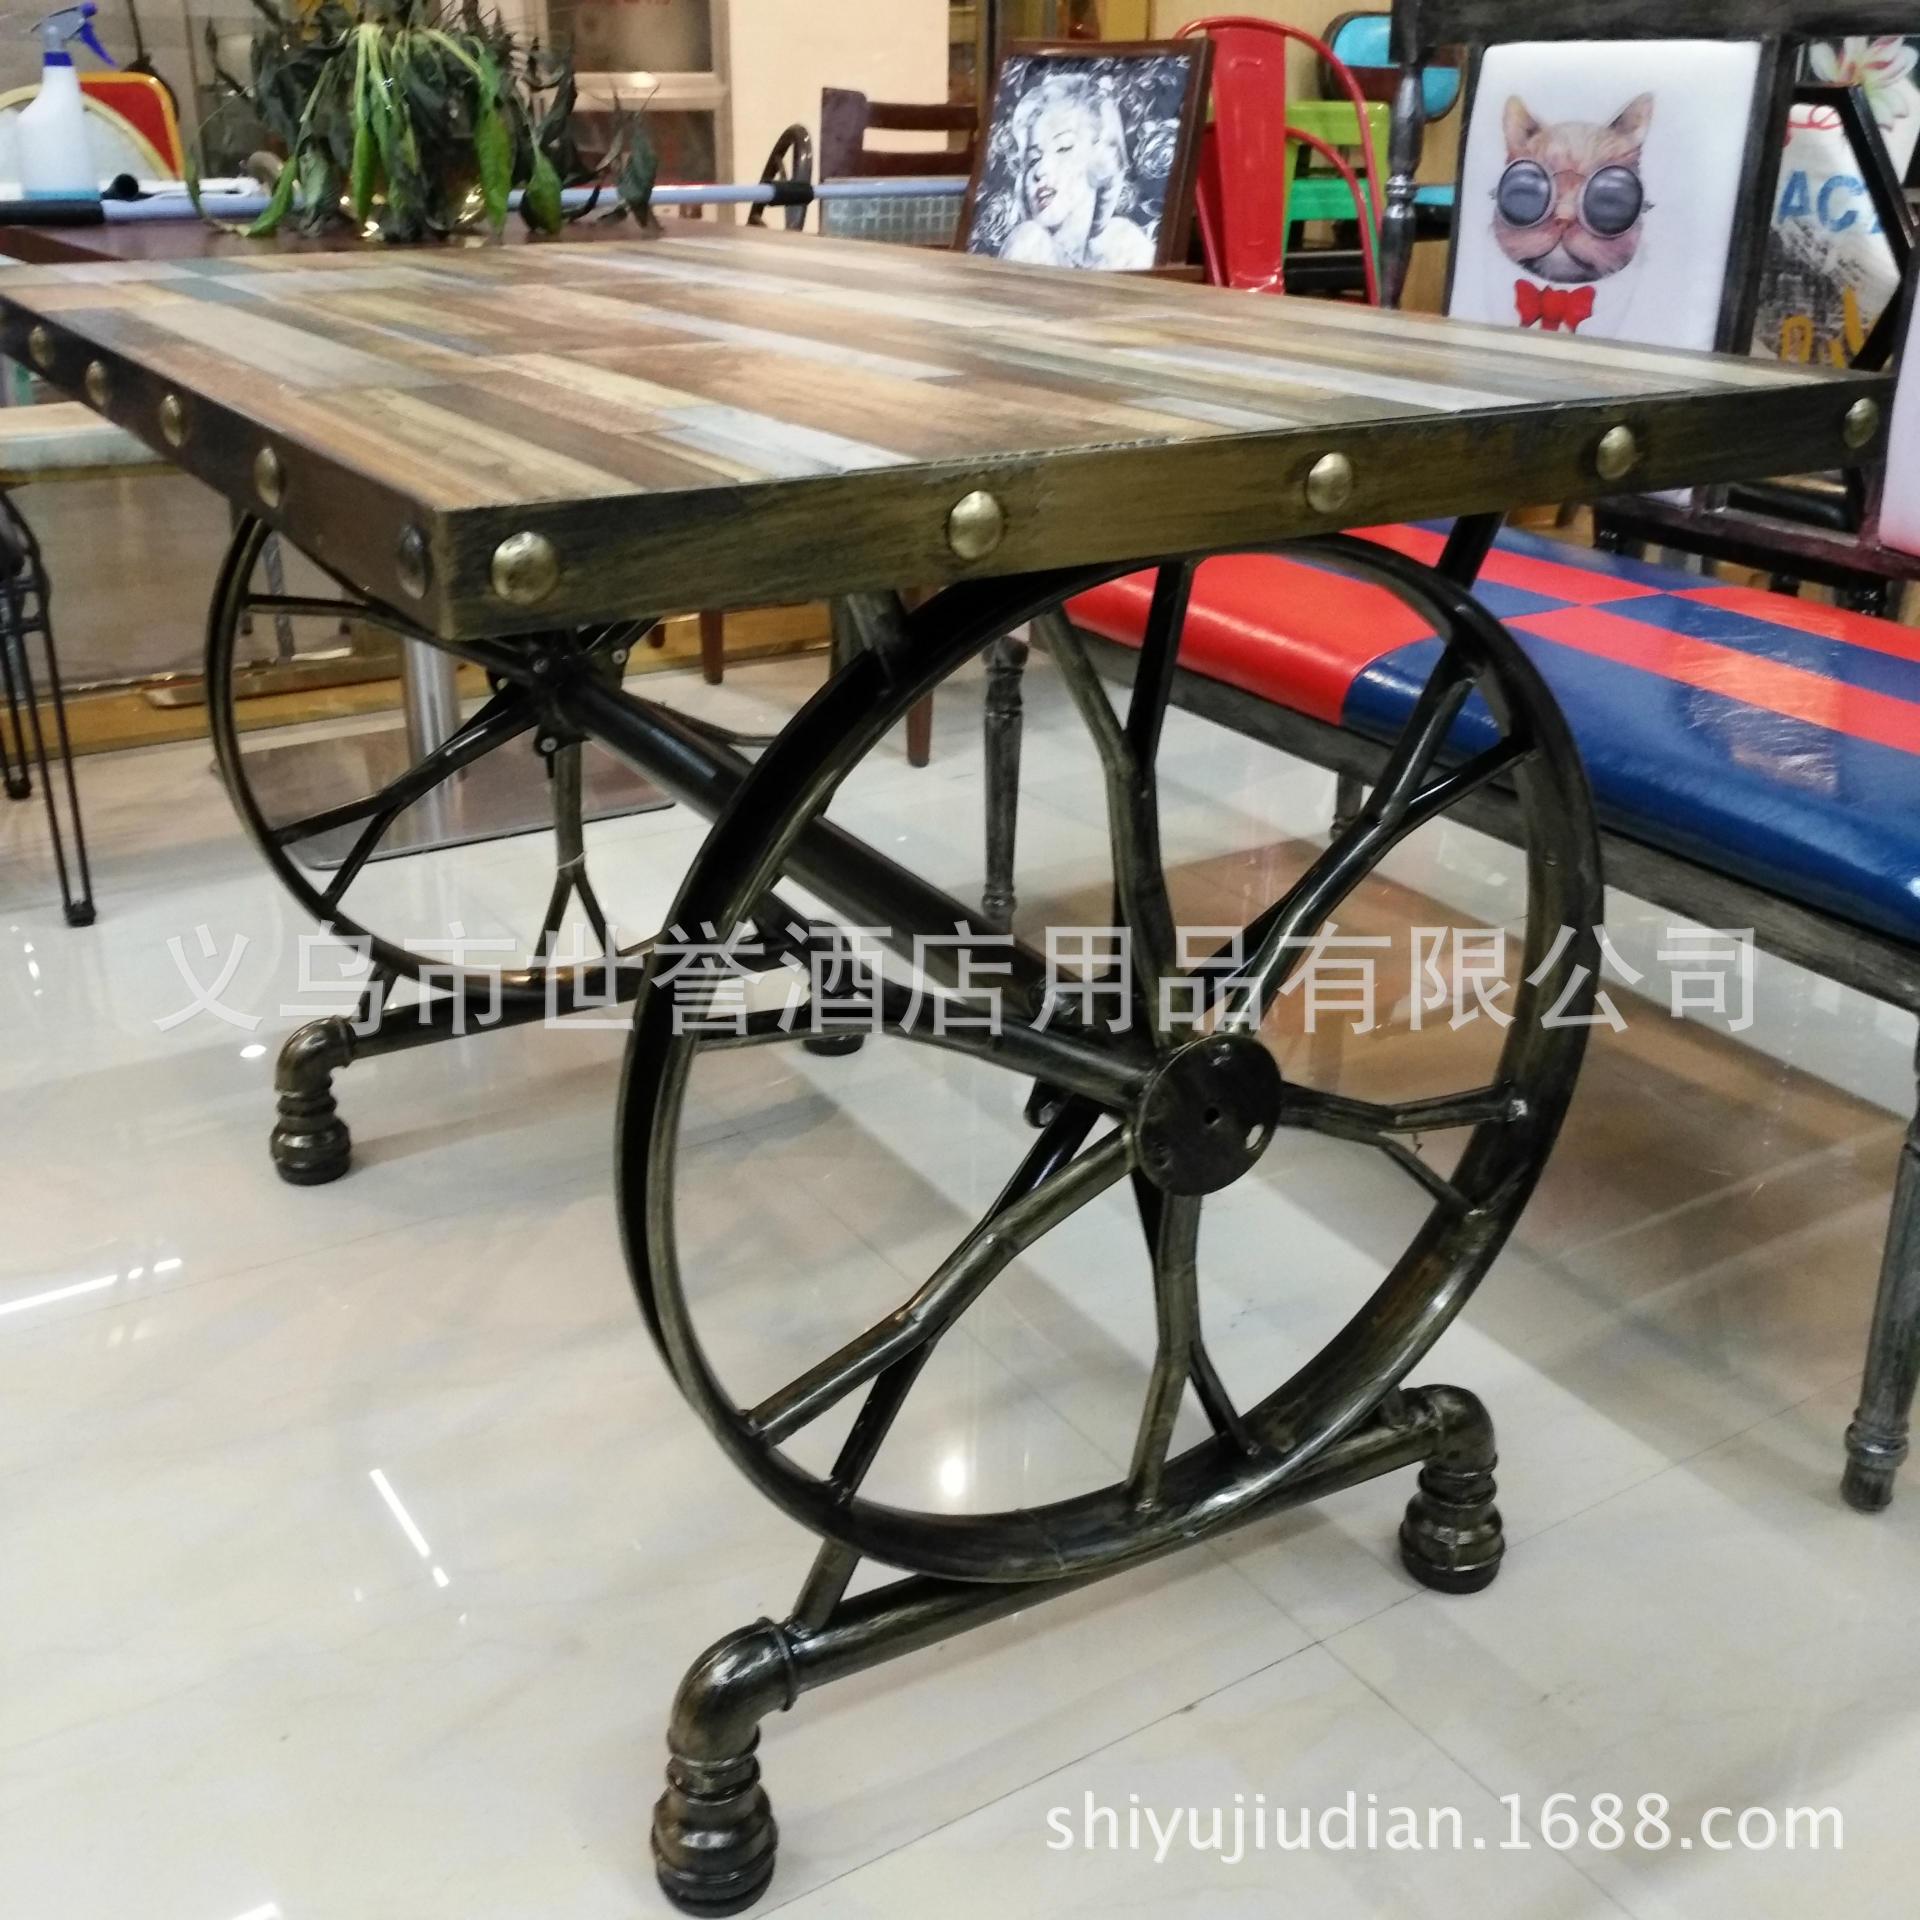 休闲餐厅瓷砖桌面餐桌复古铁艺车轮桌瓷砖做旧西餐桌个性铁艺餐桌